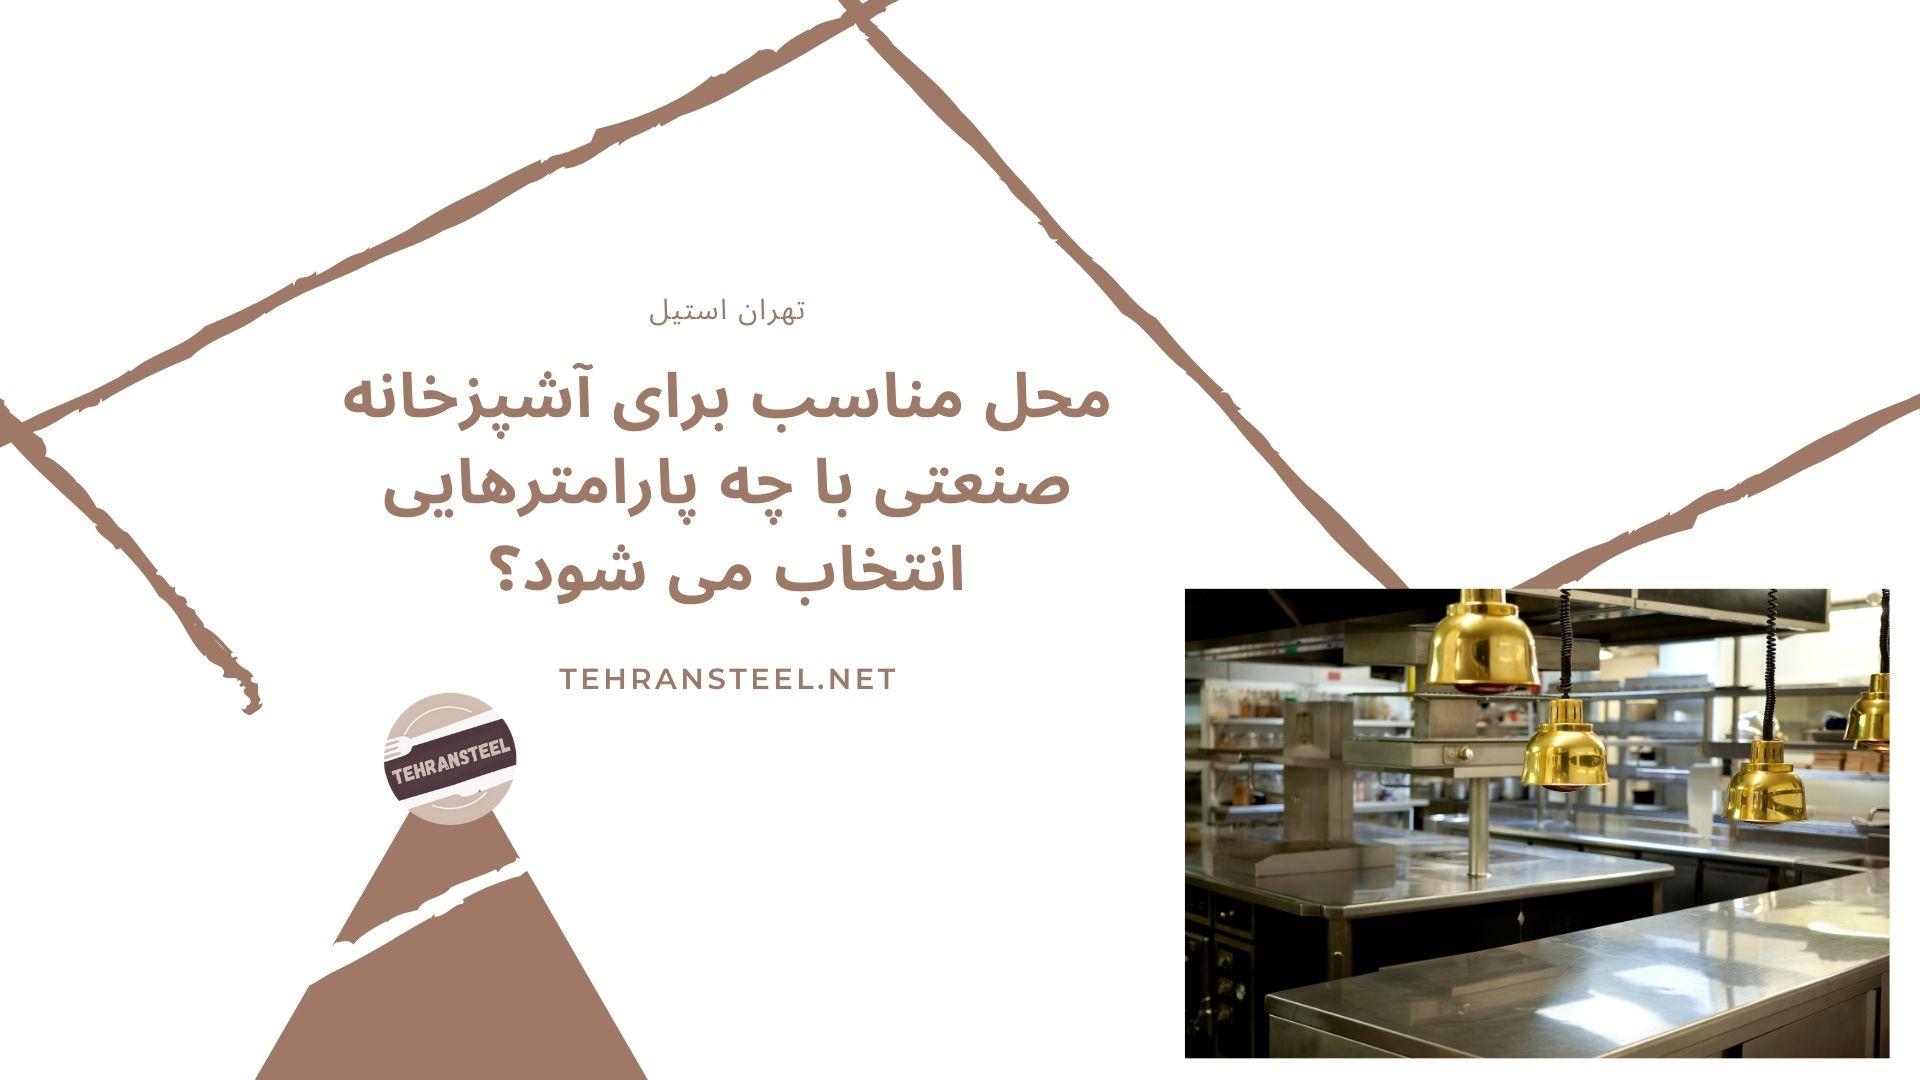 محل مناسب برای آشپزخانه صنعتی با چه پارامترهایی انتخاب می شود؟